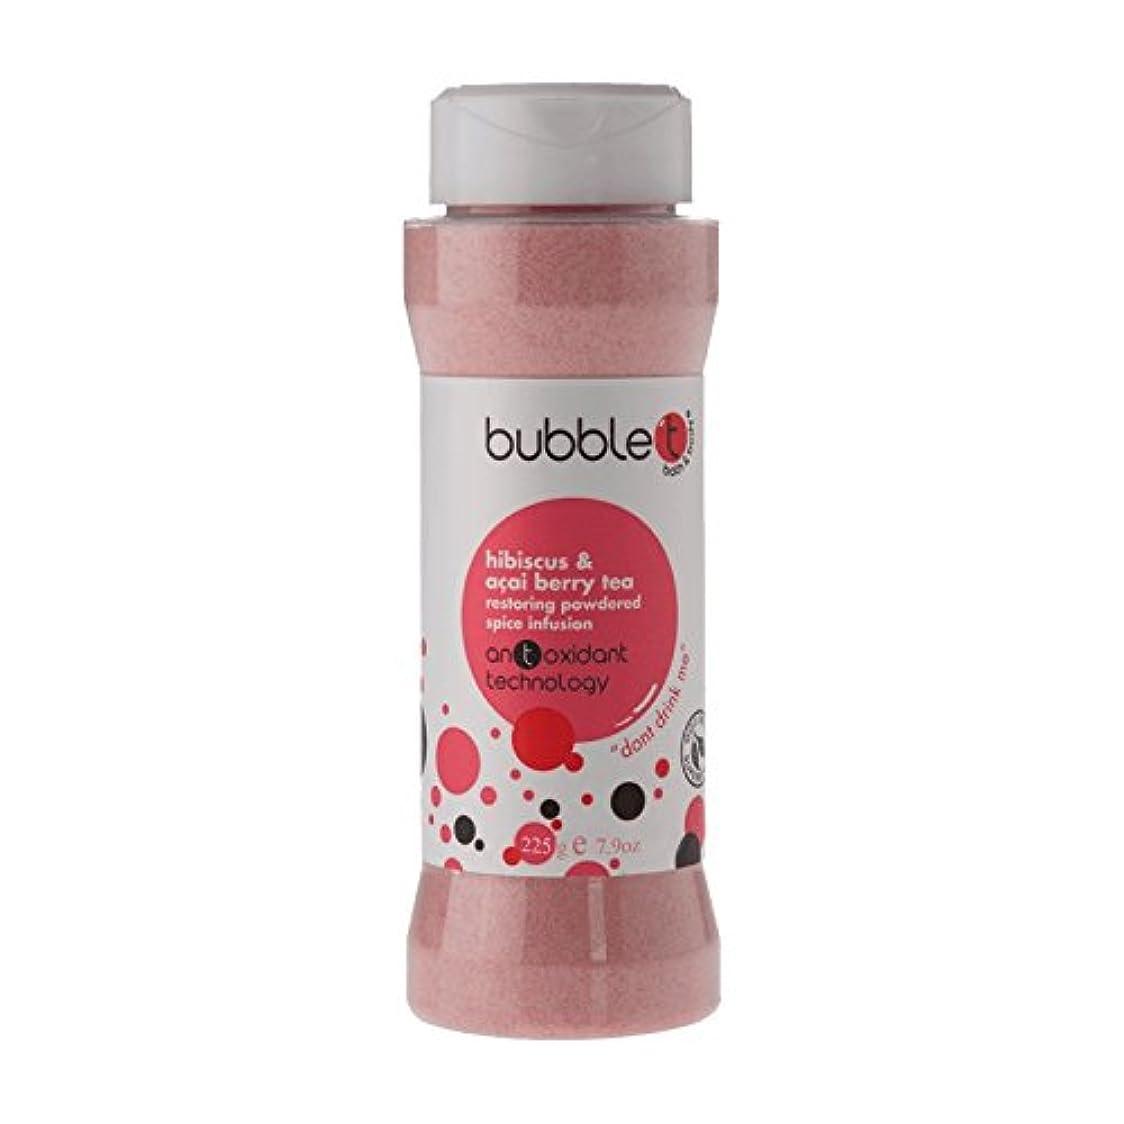 チキン不機嫌仮説バブルトン風呂スパイス注入ハイビスカス&アサイベリー茶225グラム - Bubble T Bath Spice Infusion Hibiscus & Acai Berry Tea 225g (Bubble T) [並行輸入品]